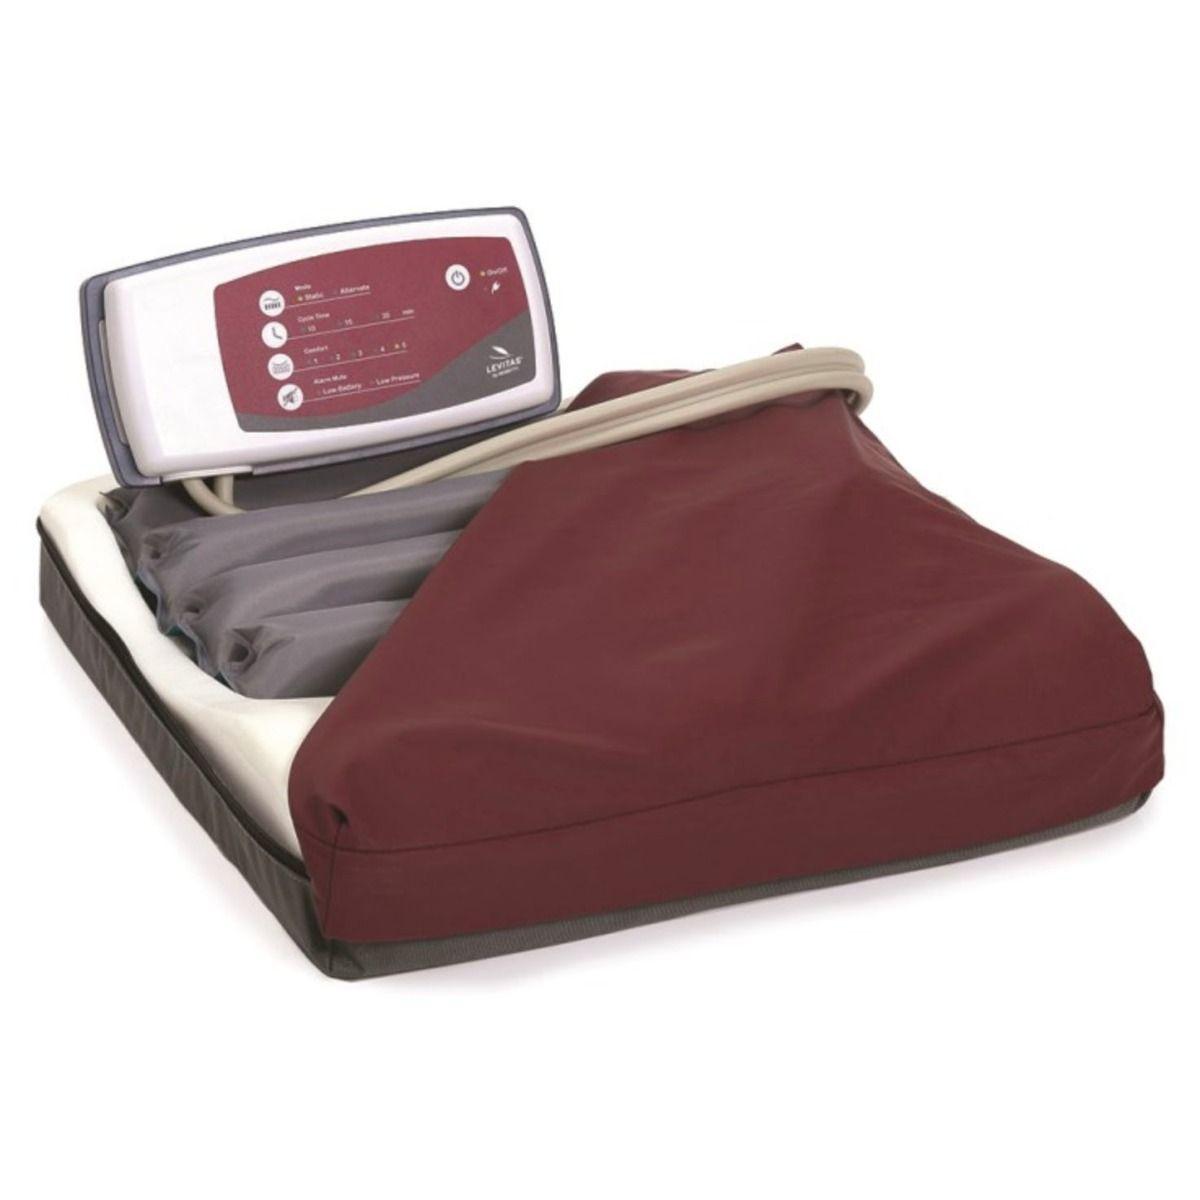 Cuscino Antidecubito Quale Scegliere.Cuscino Antidecubito Con Compressore A Ciclo Alternato Levitas